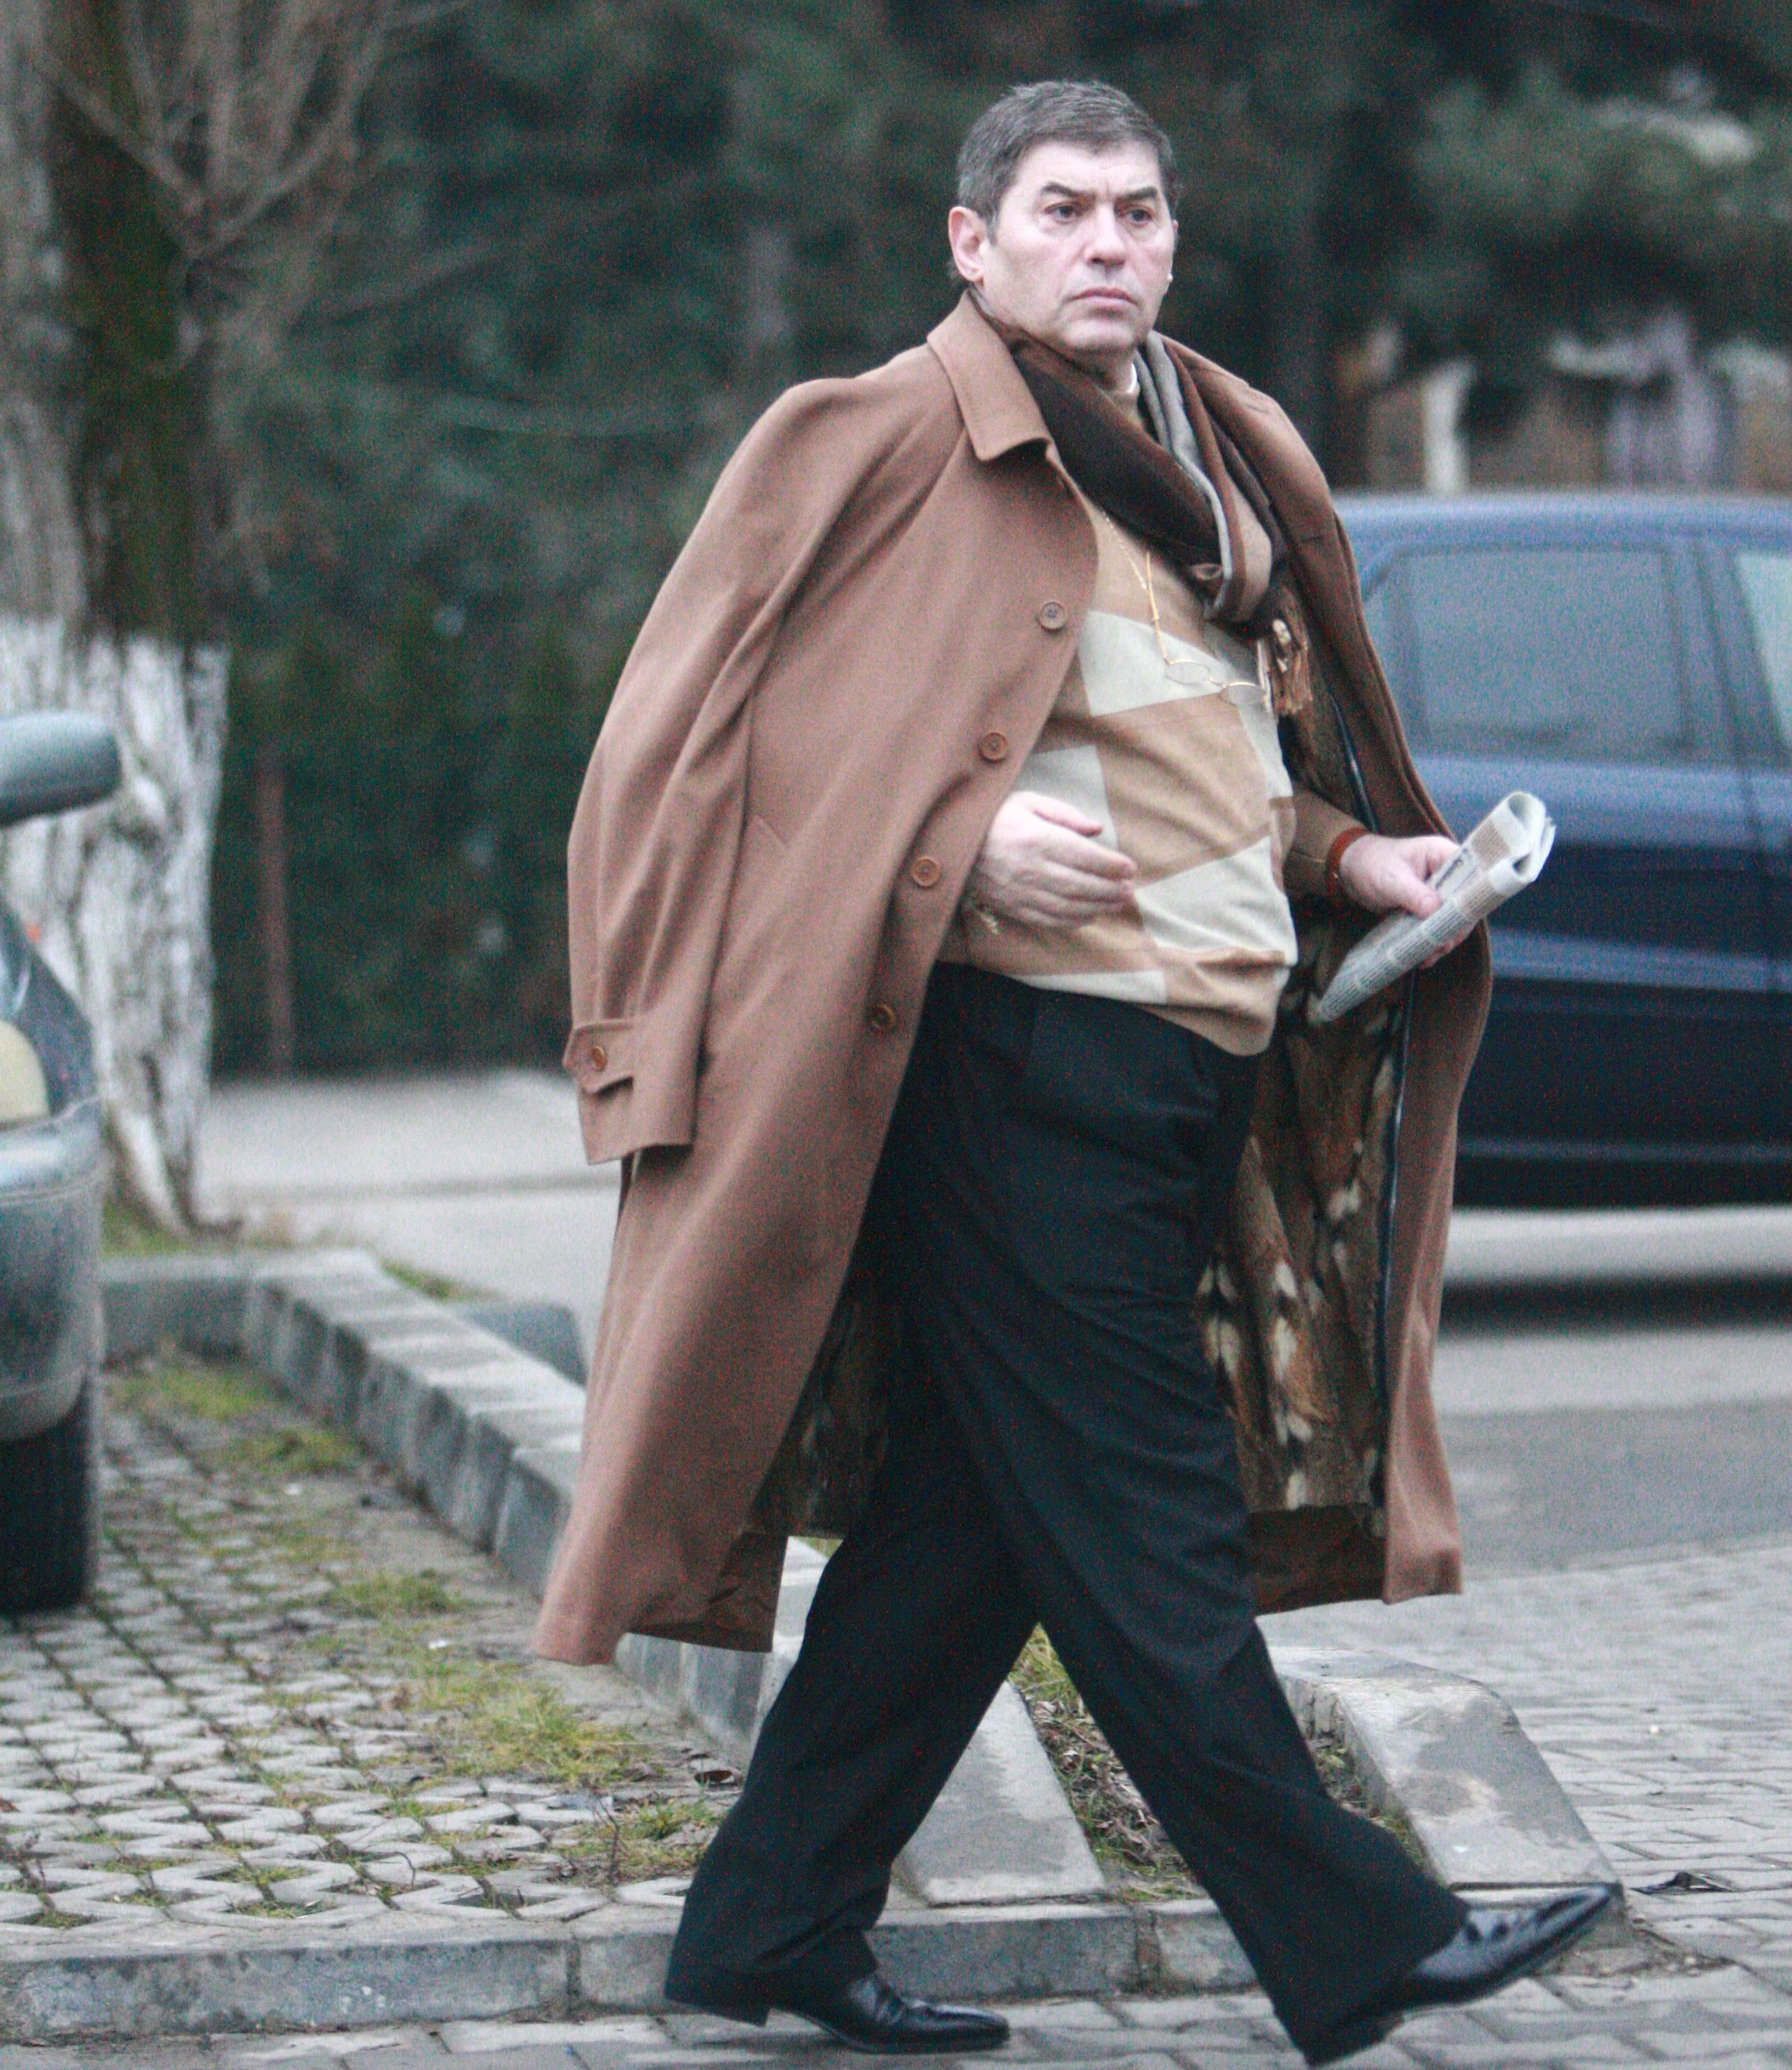 Mihail Vlasov, presedintele Camerei de Comert, este tatal creatoarei de moda